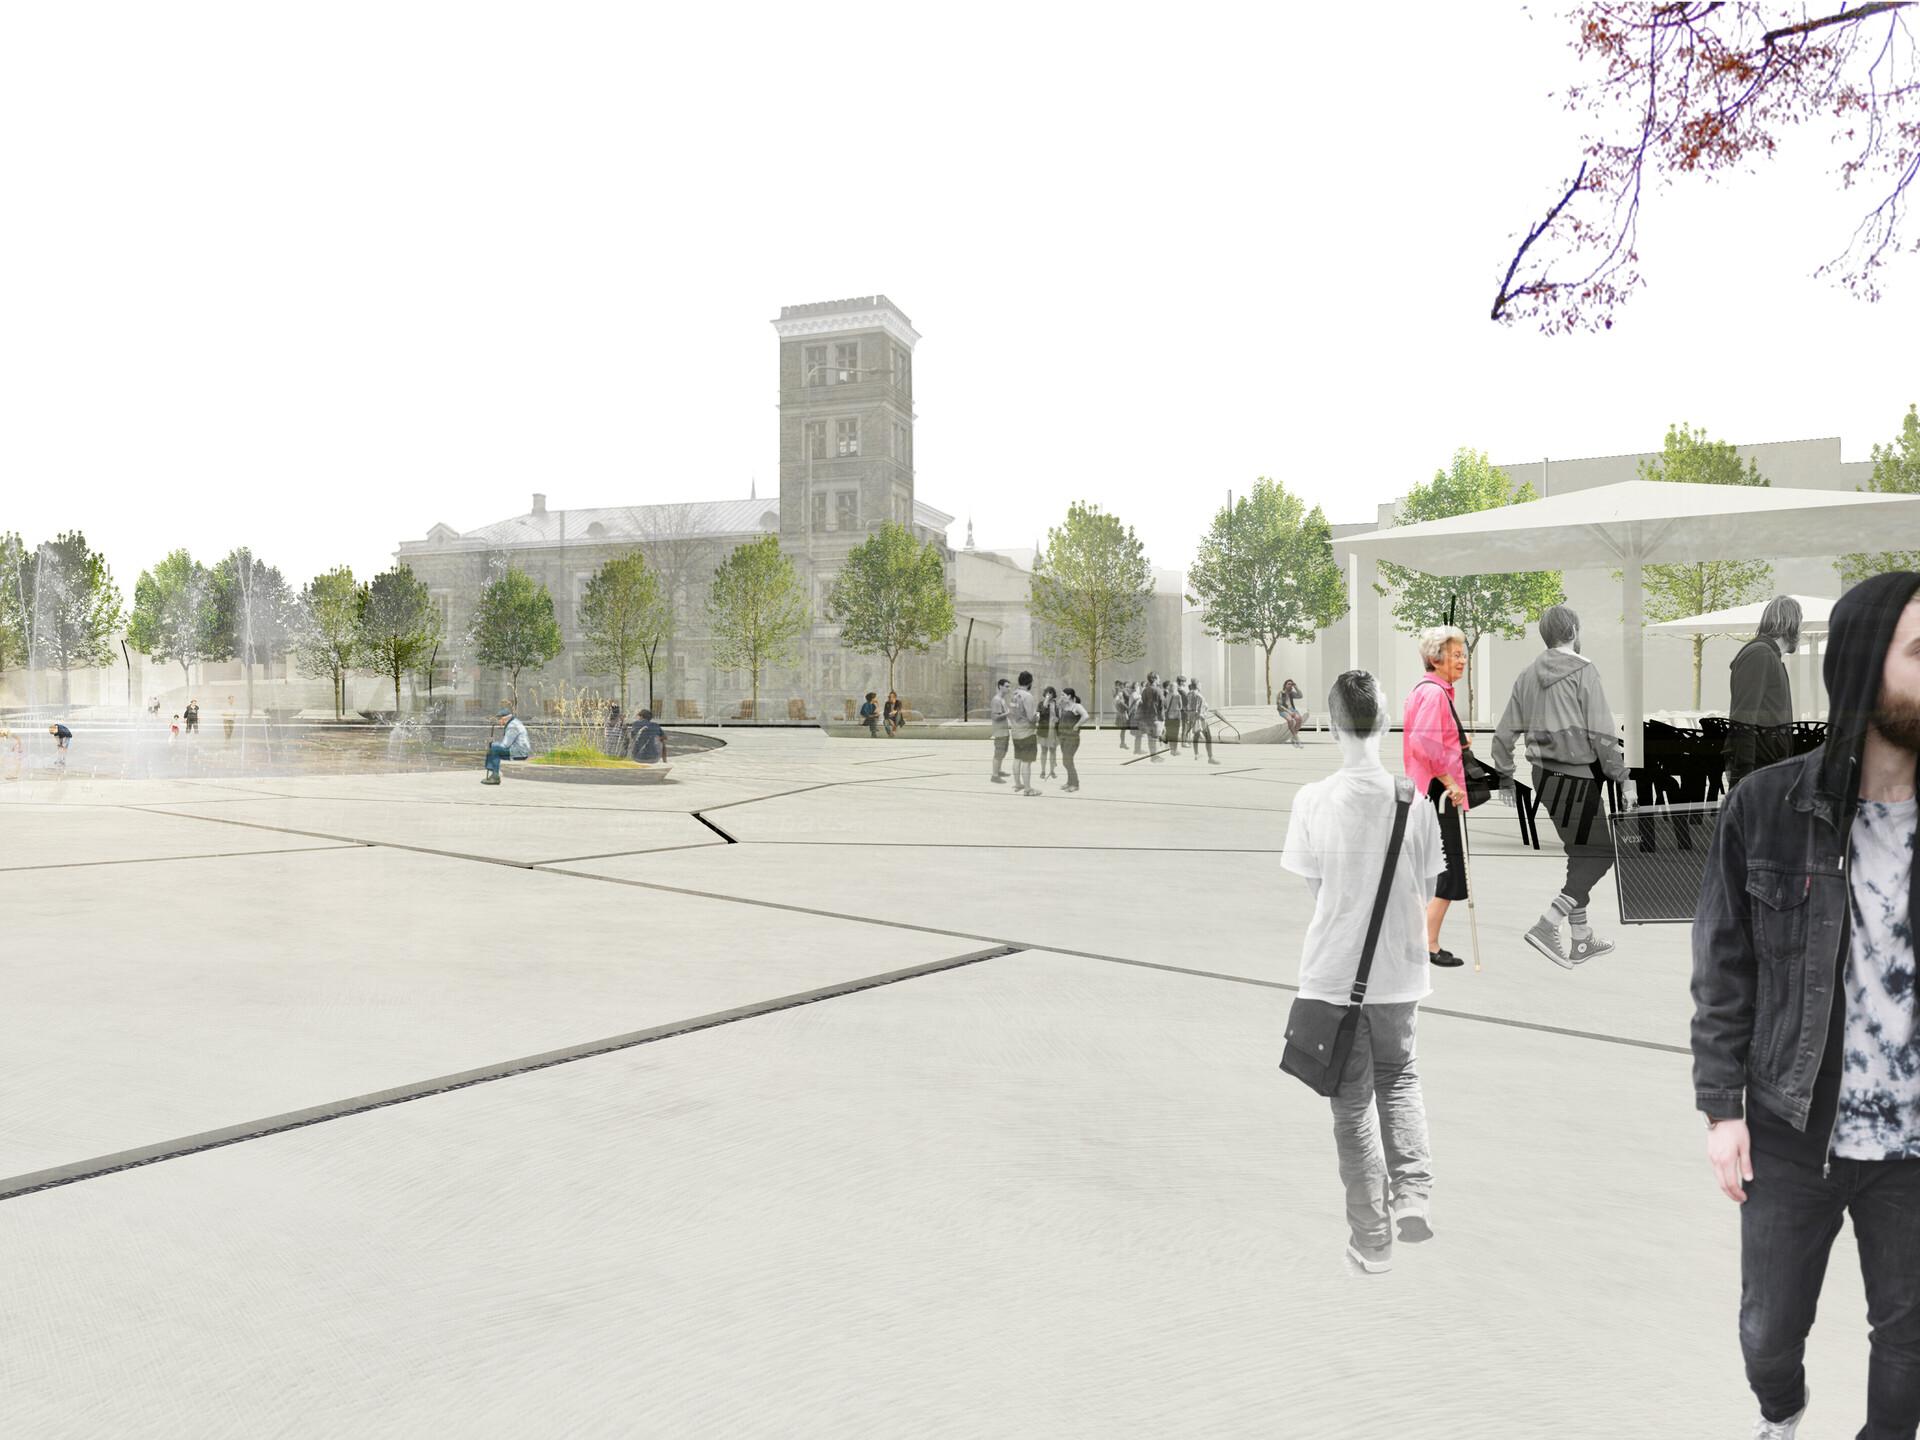 4093fc29025 Laupäevase TMW fookuses on arutelu tuleviku Tallinna ja peatänava teemal |  Arhitektuur | ERR